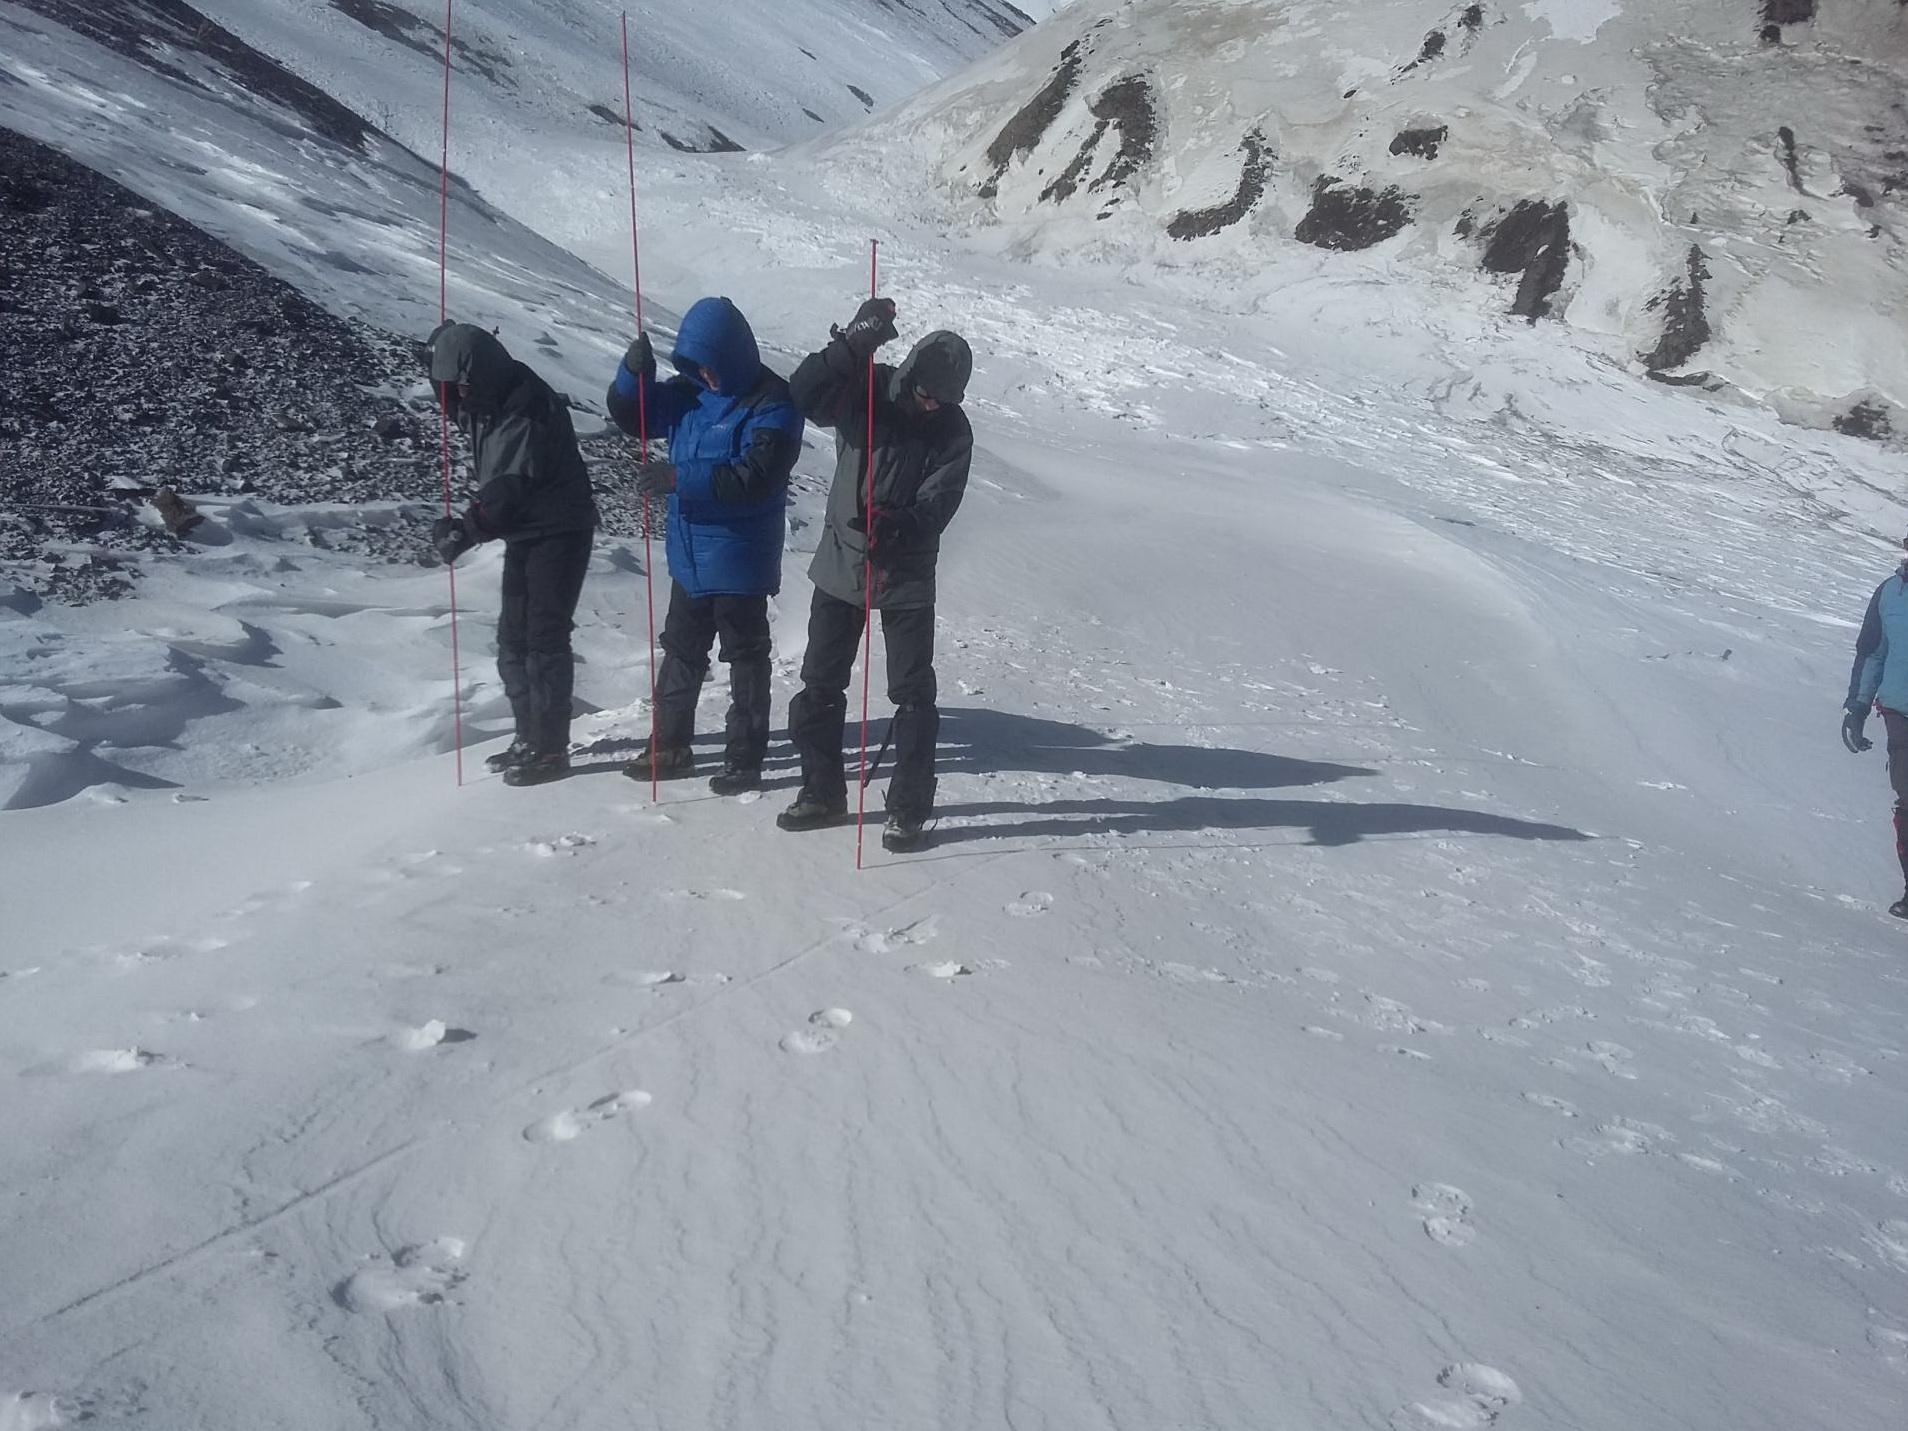 К поискам азербайджанских альпинистов подключились турецкие специалисты